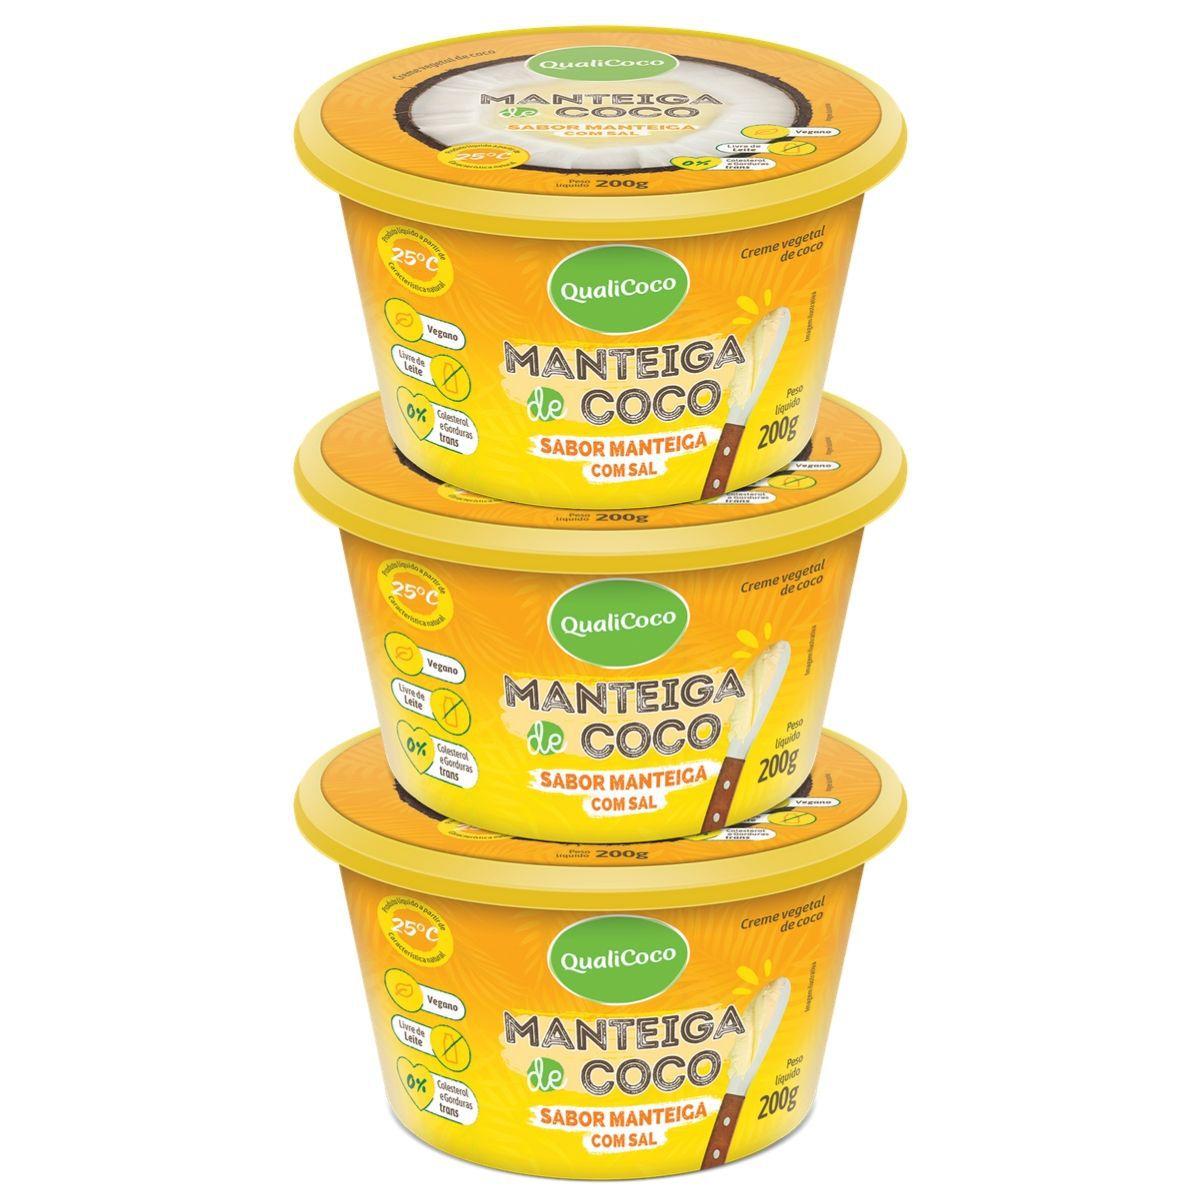 Kit 3 Manteigas De Coco C/ Sal Sabor Manteiga 200g - QualiCôco